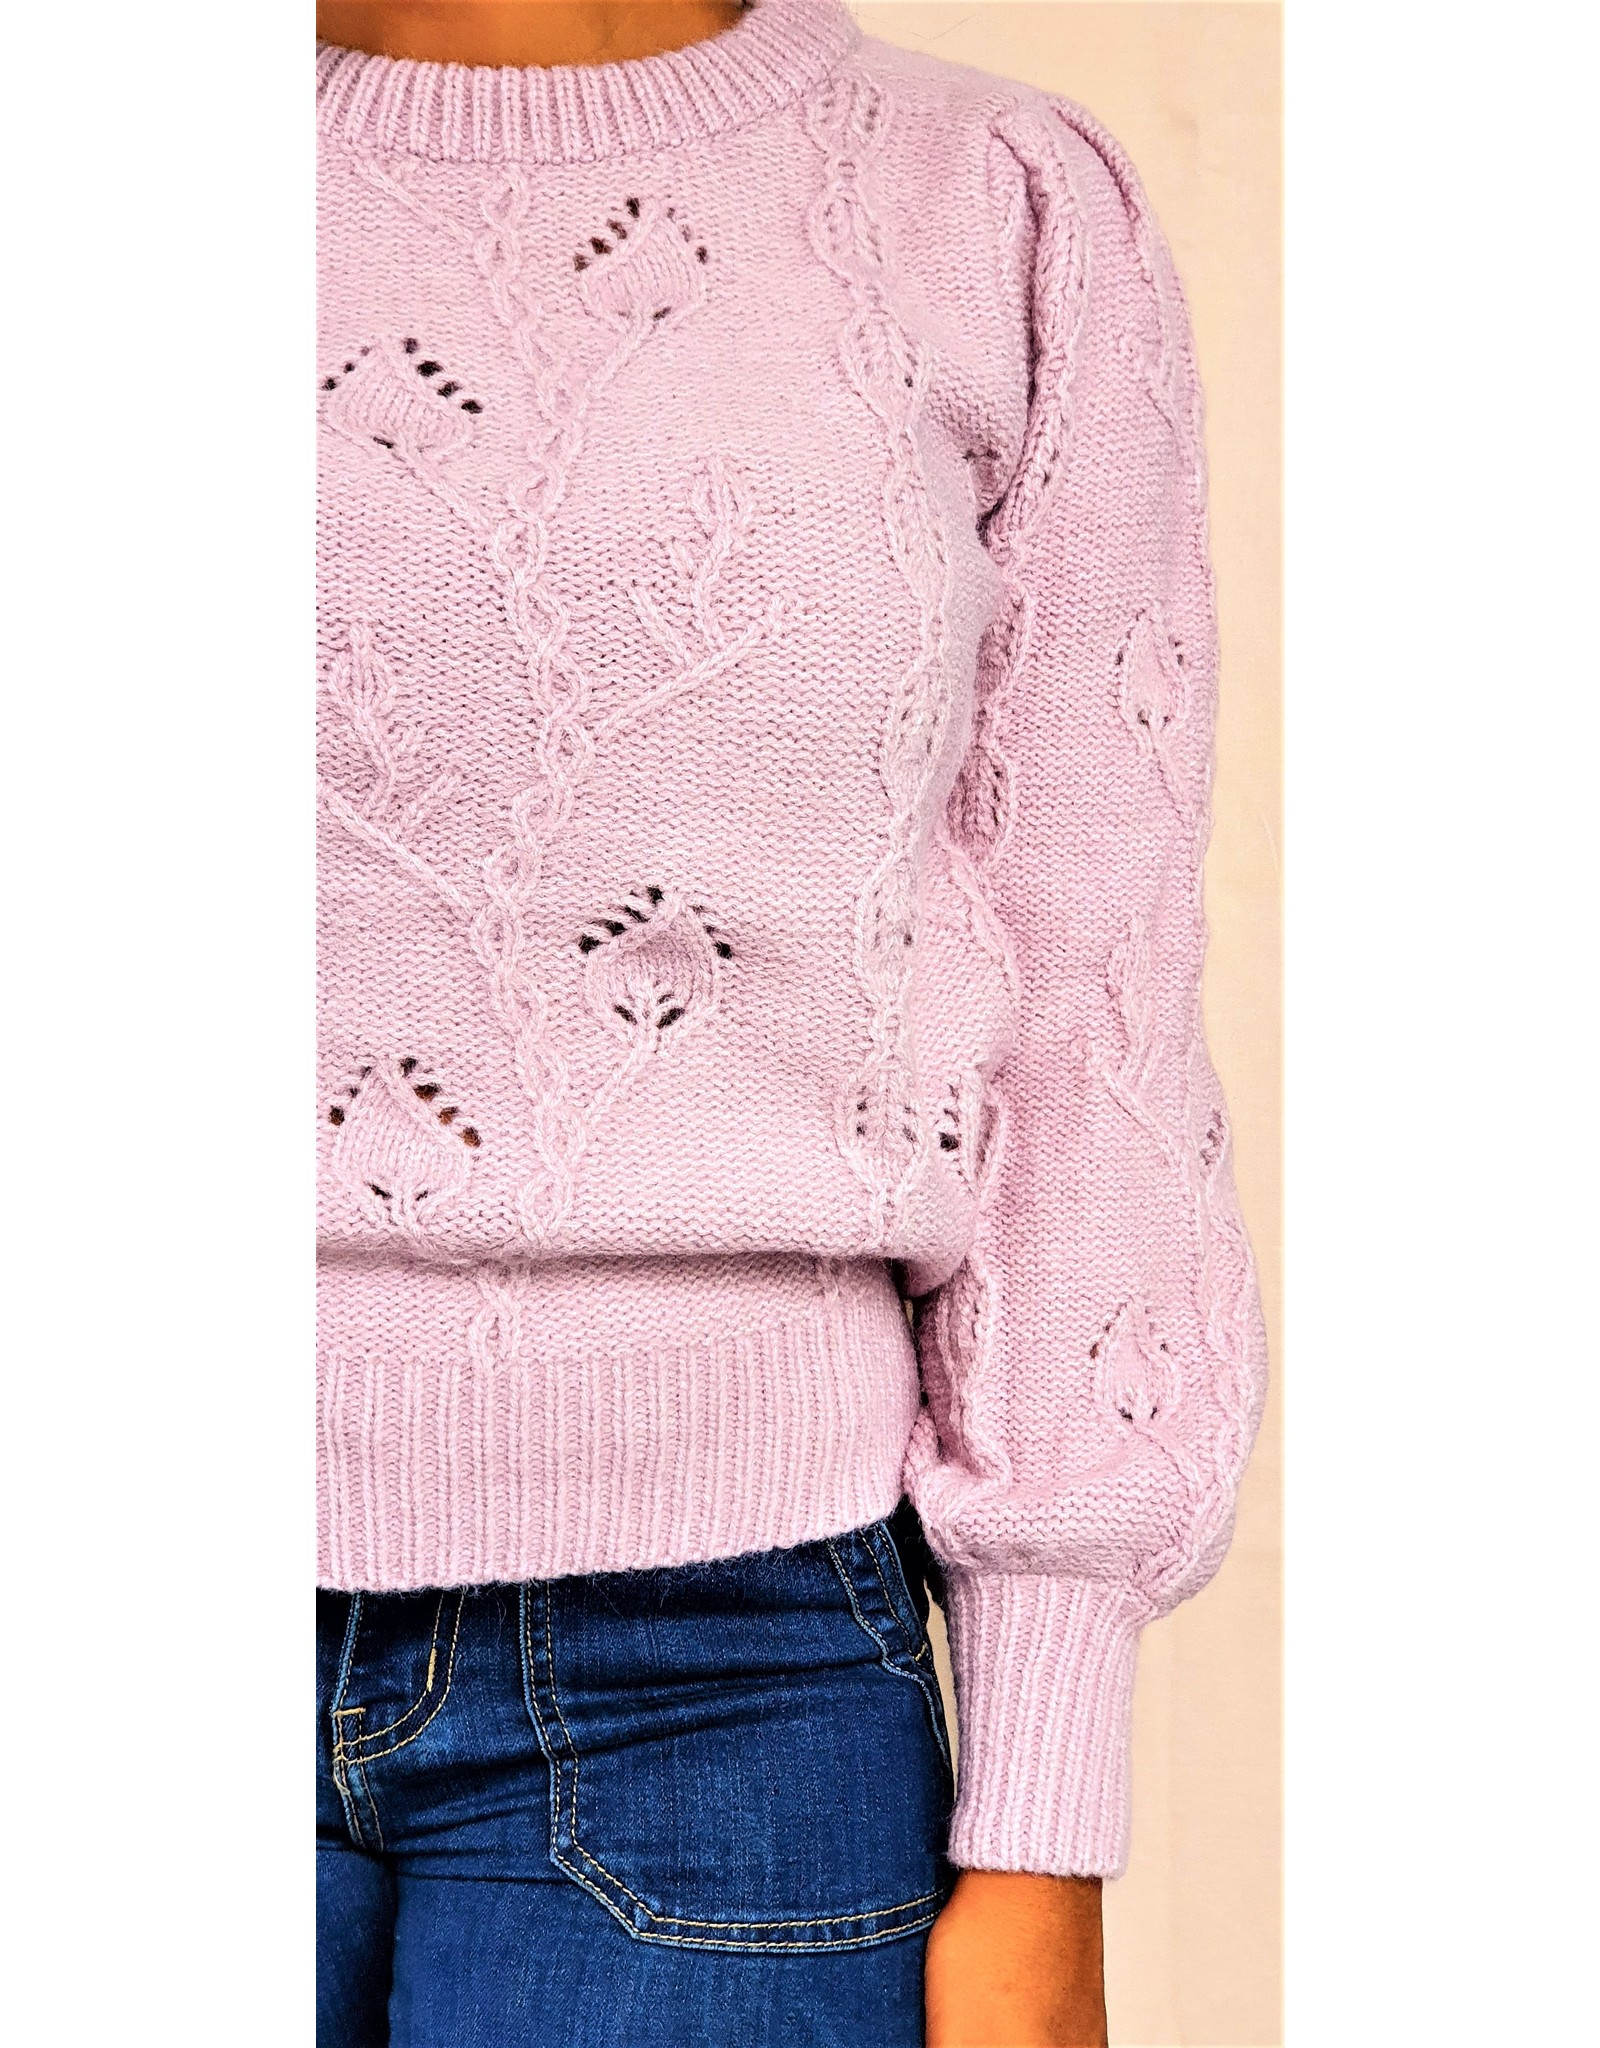 Cherry Paris Officiel Cherry mauve sweater